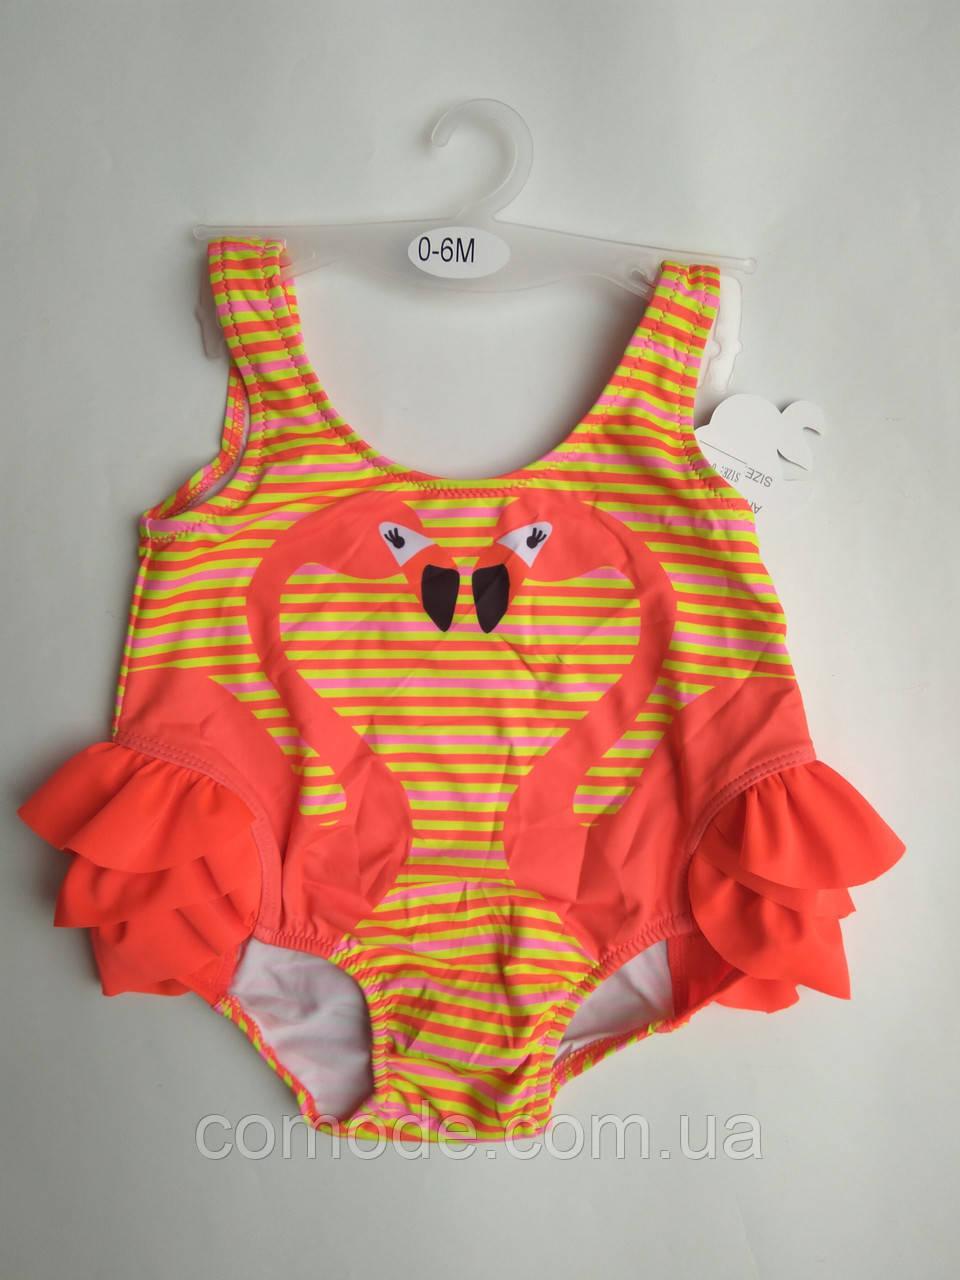 Детский купальник малышка в памперсе c фламинго яркий оранжевый